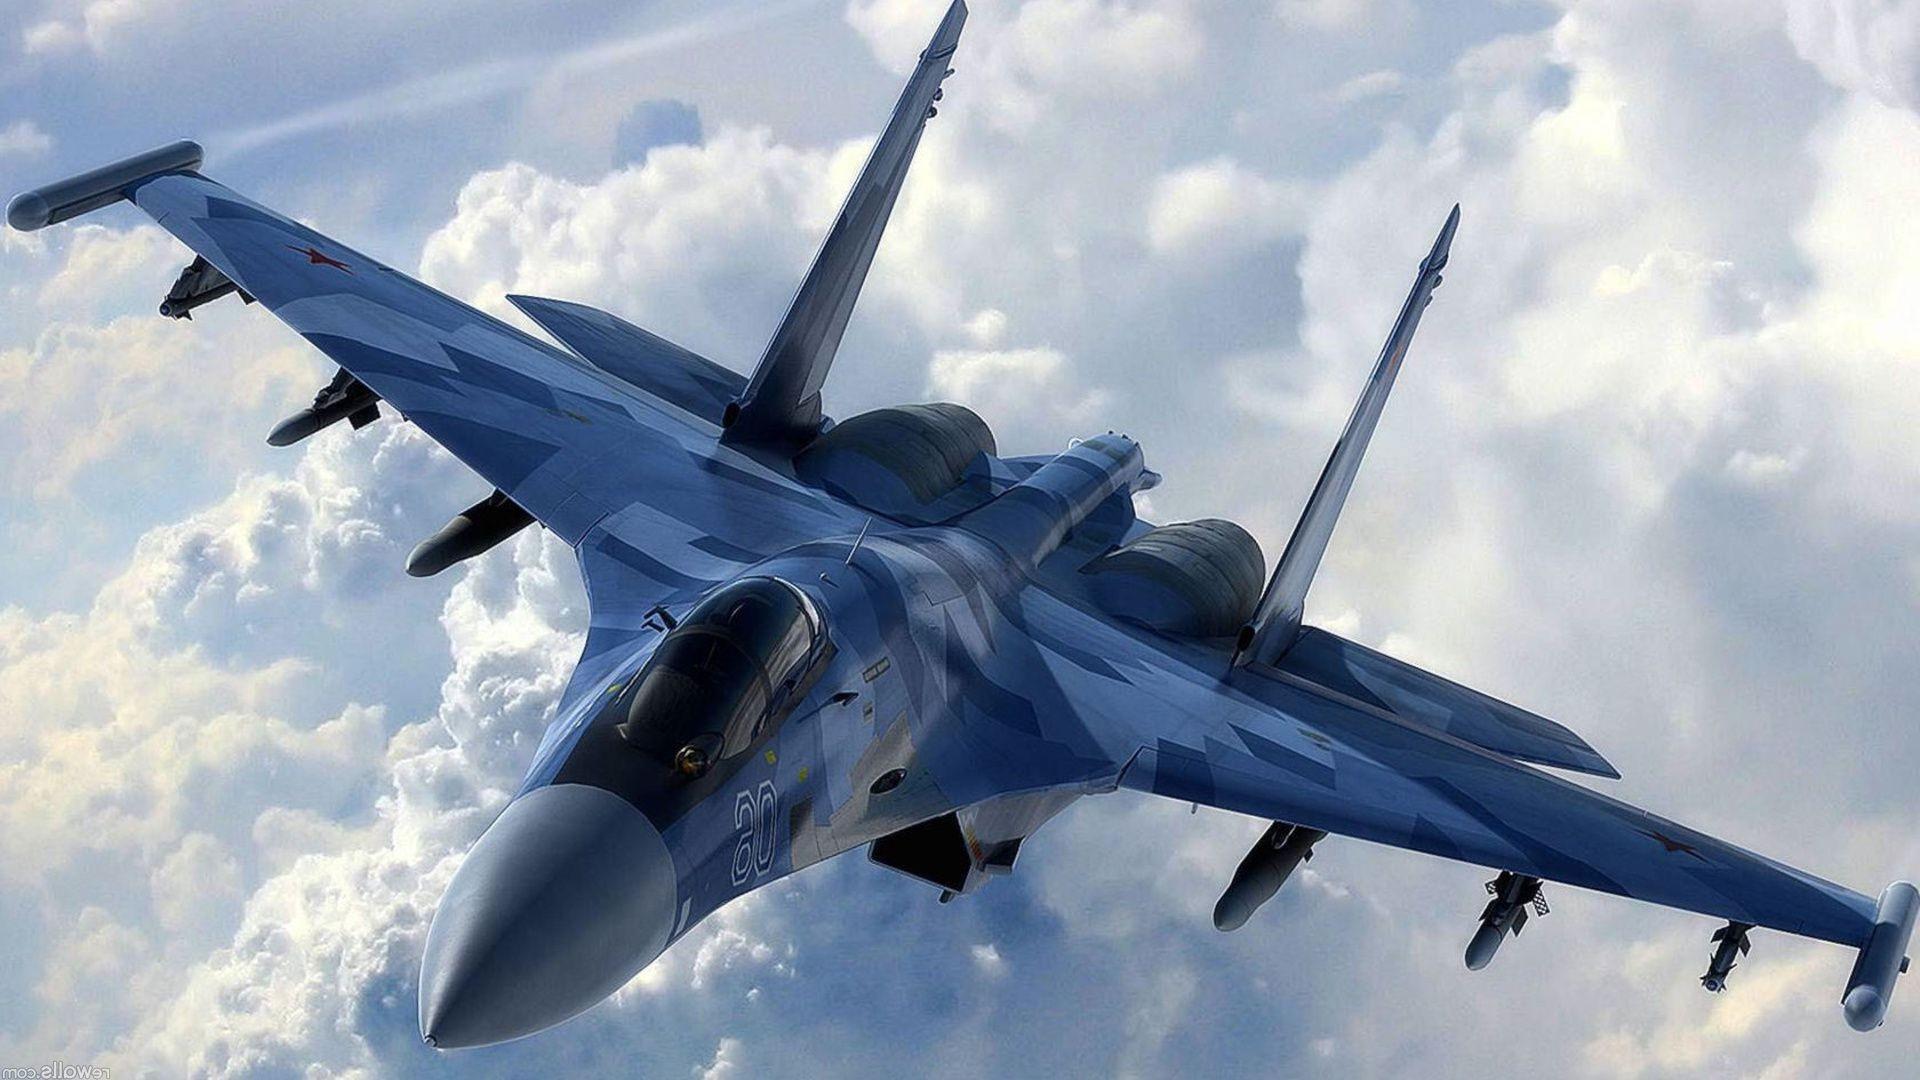 необходимое обои на телефон самолеты россии тепличных условиях